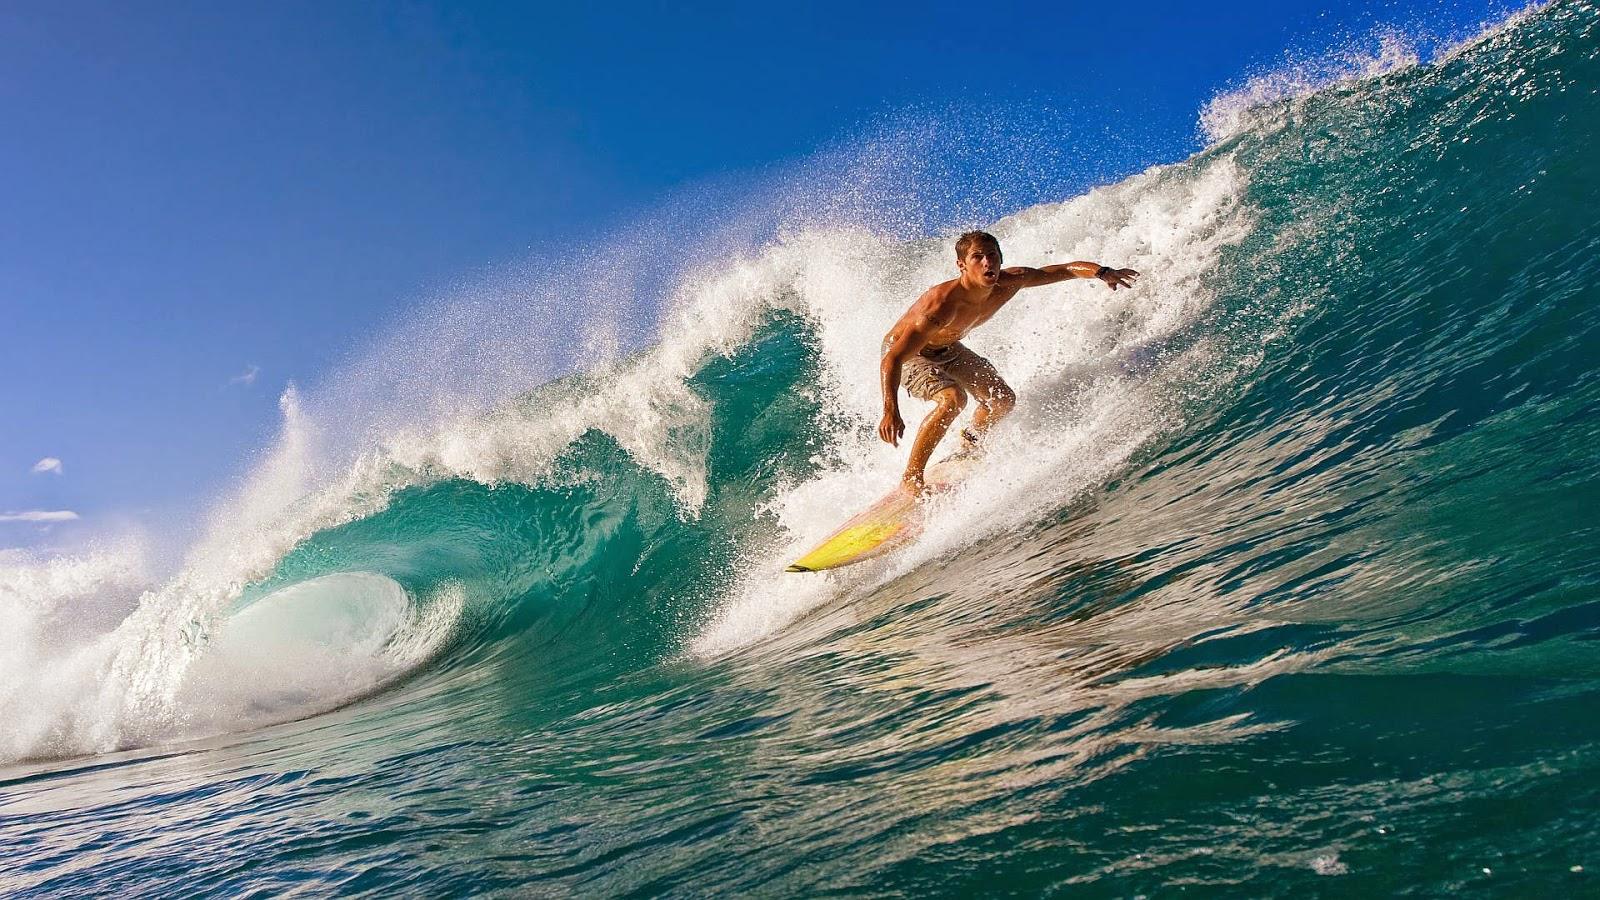 Wallpaper met surfer op grote golf